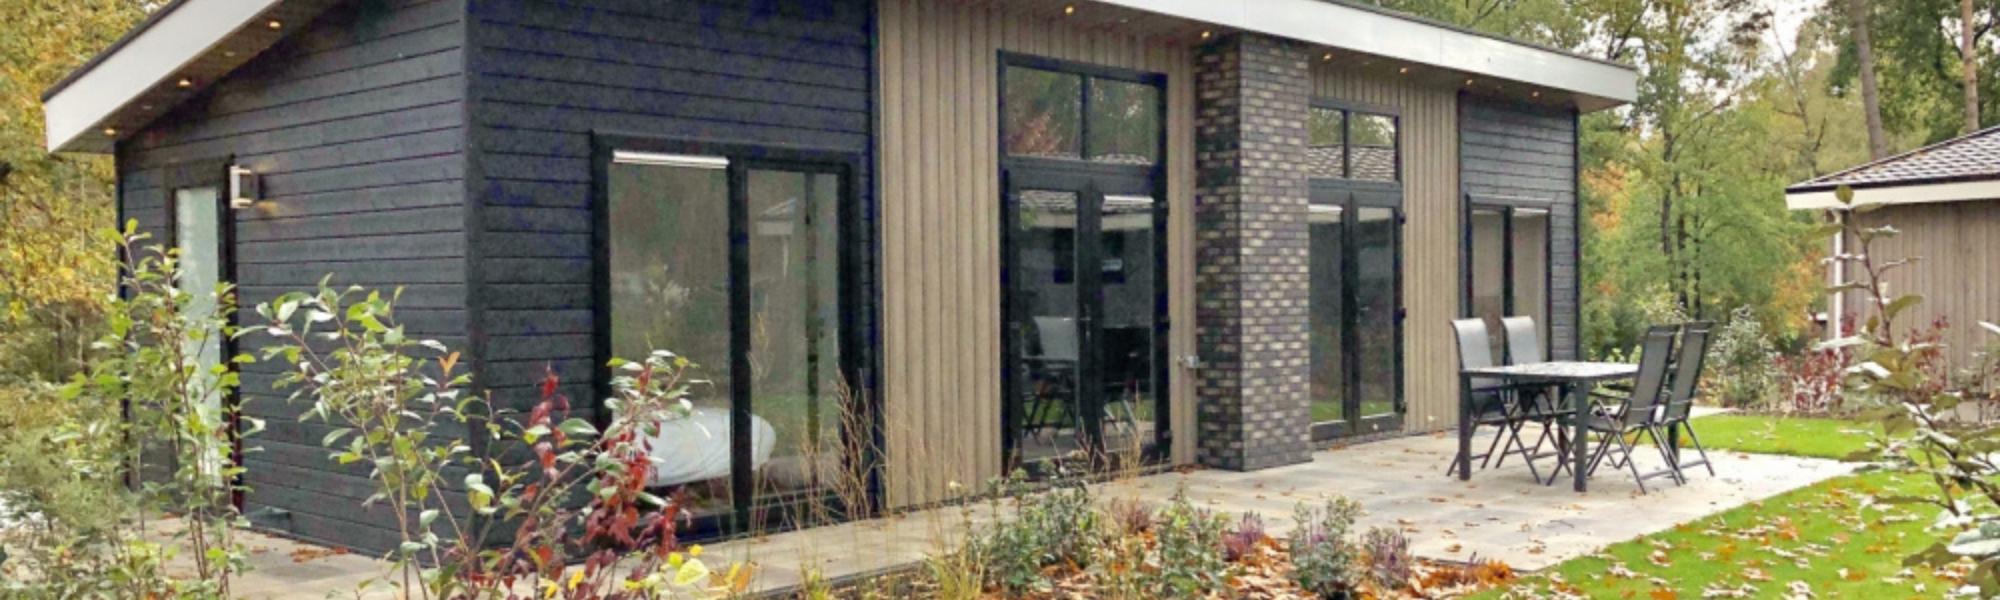 Vakantiehuis Heide Hoeve - Eco